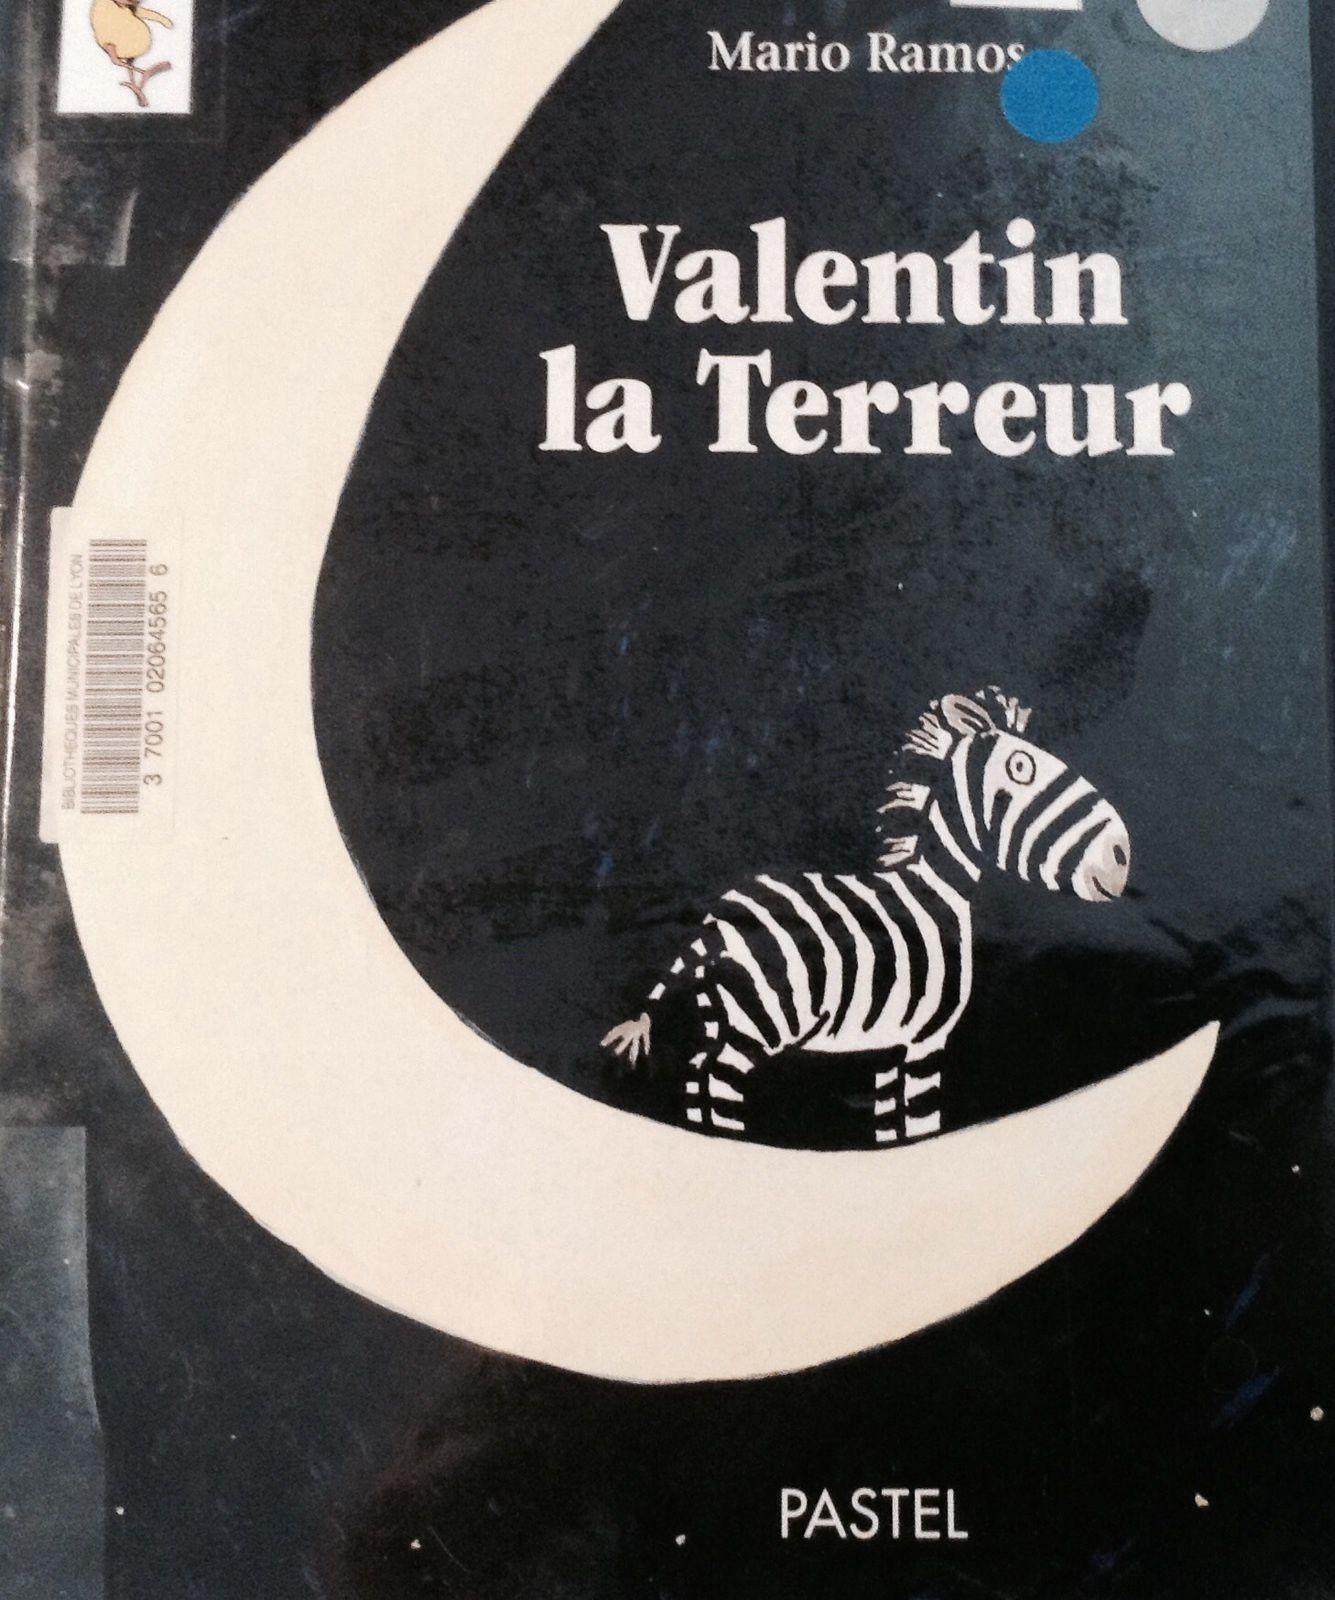 Valentin la terreur, un livre sur les dangers réels et imaginaires quand on est petit